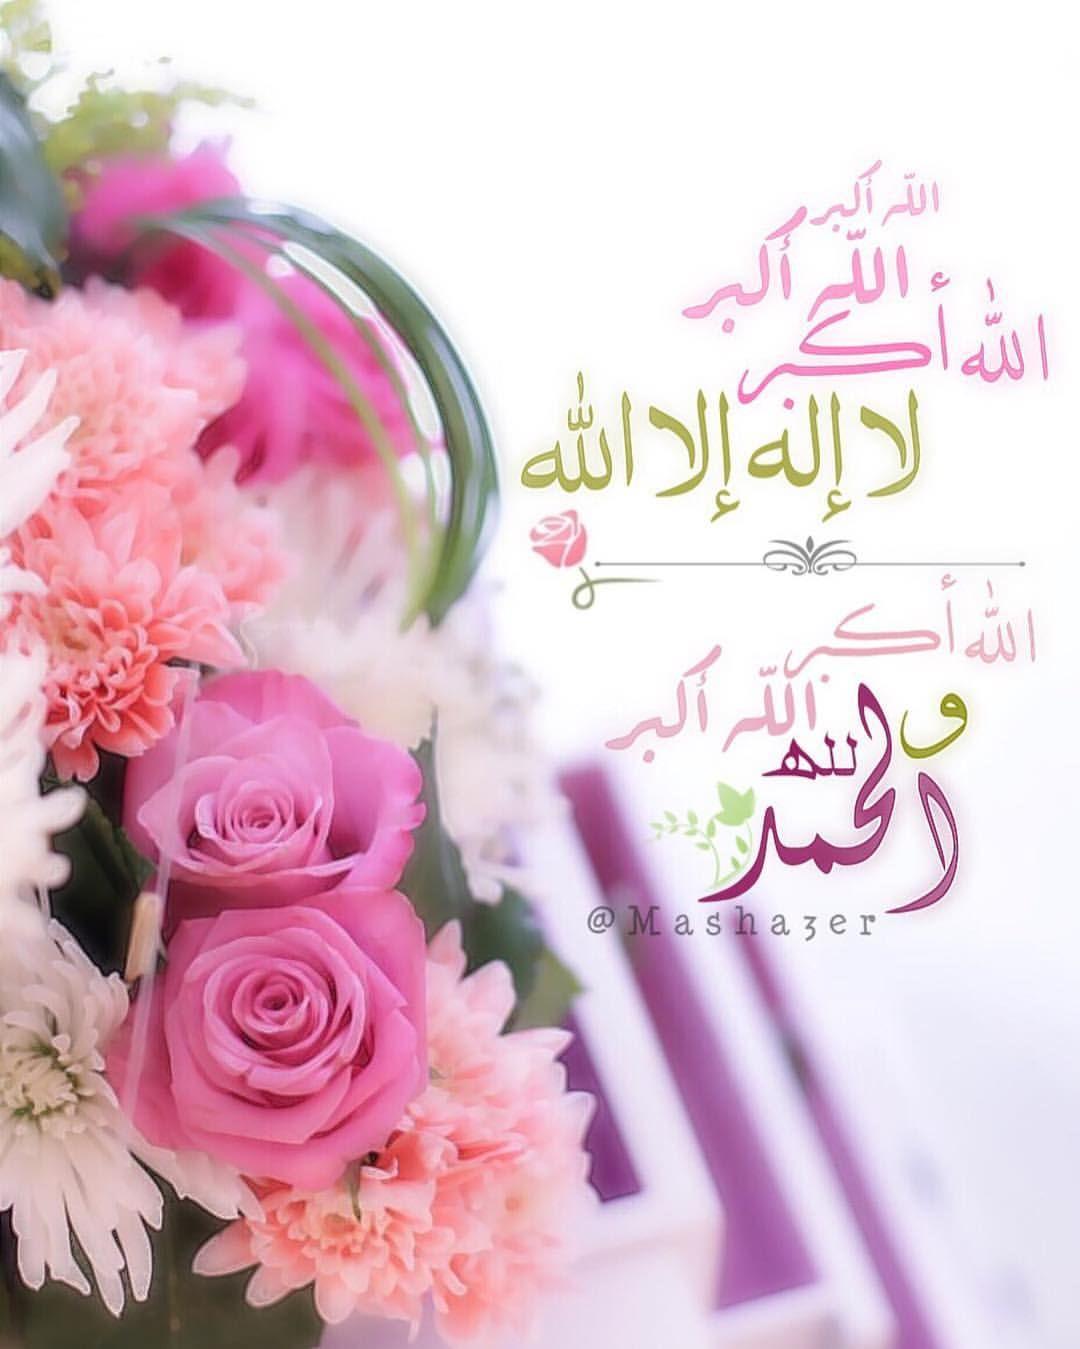 Desertrose العشر من ذي الحجة See This Instagram Photo By Masha3er 17 Likes Eid Greetings Eid Mubarak Greeting Cards Eid Mubarak Greetings